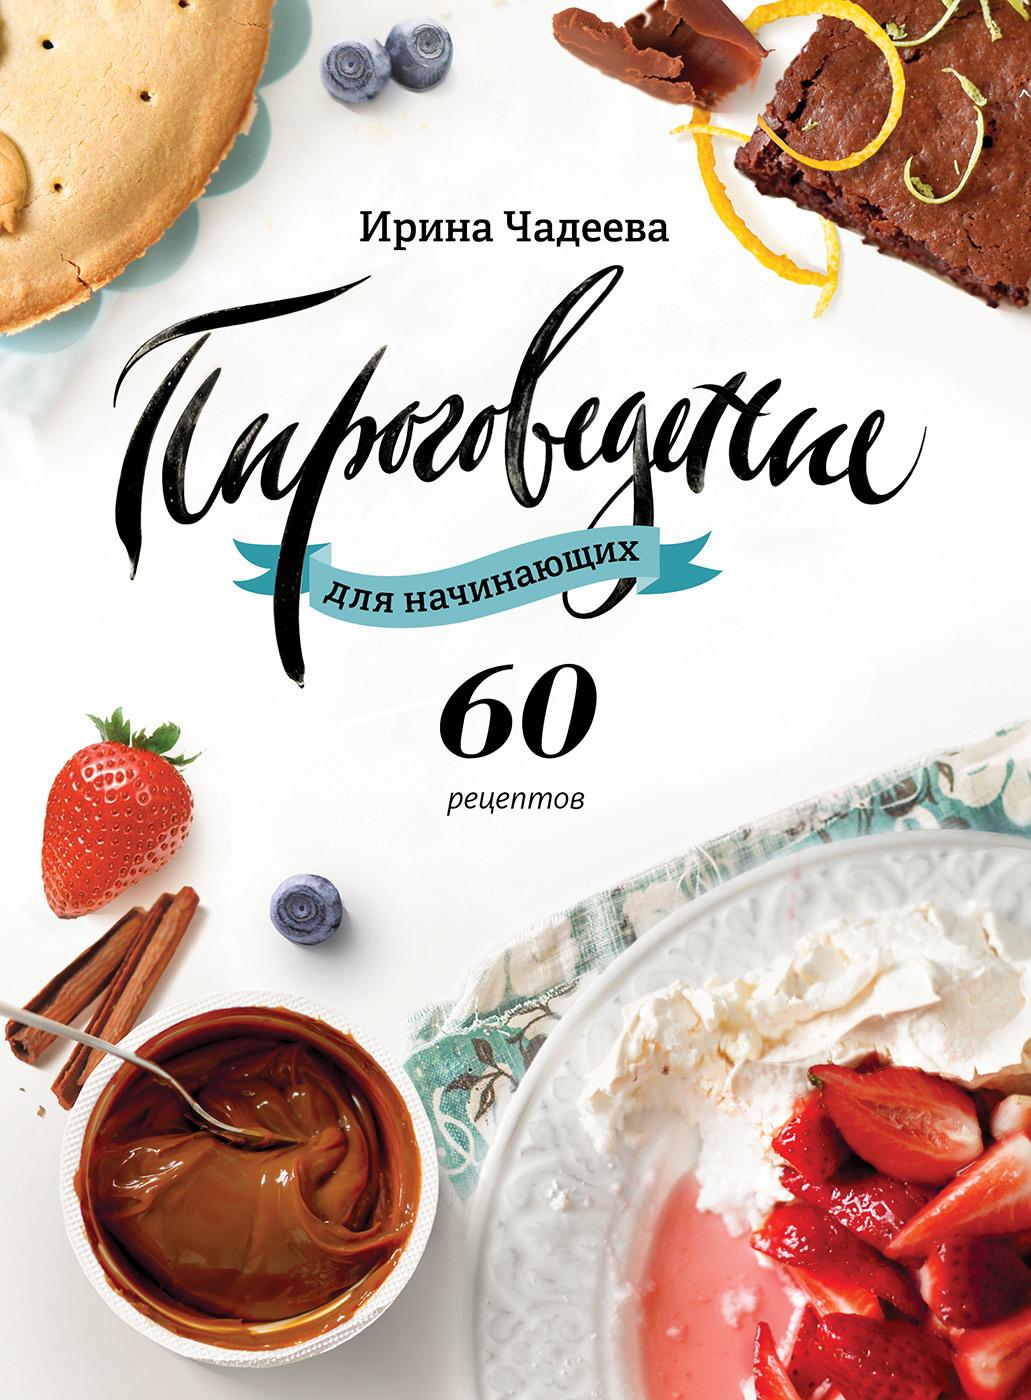 Ирина Чадеева Пироговедение для начинающих. 60 рецептов